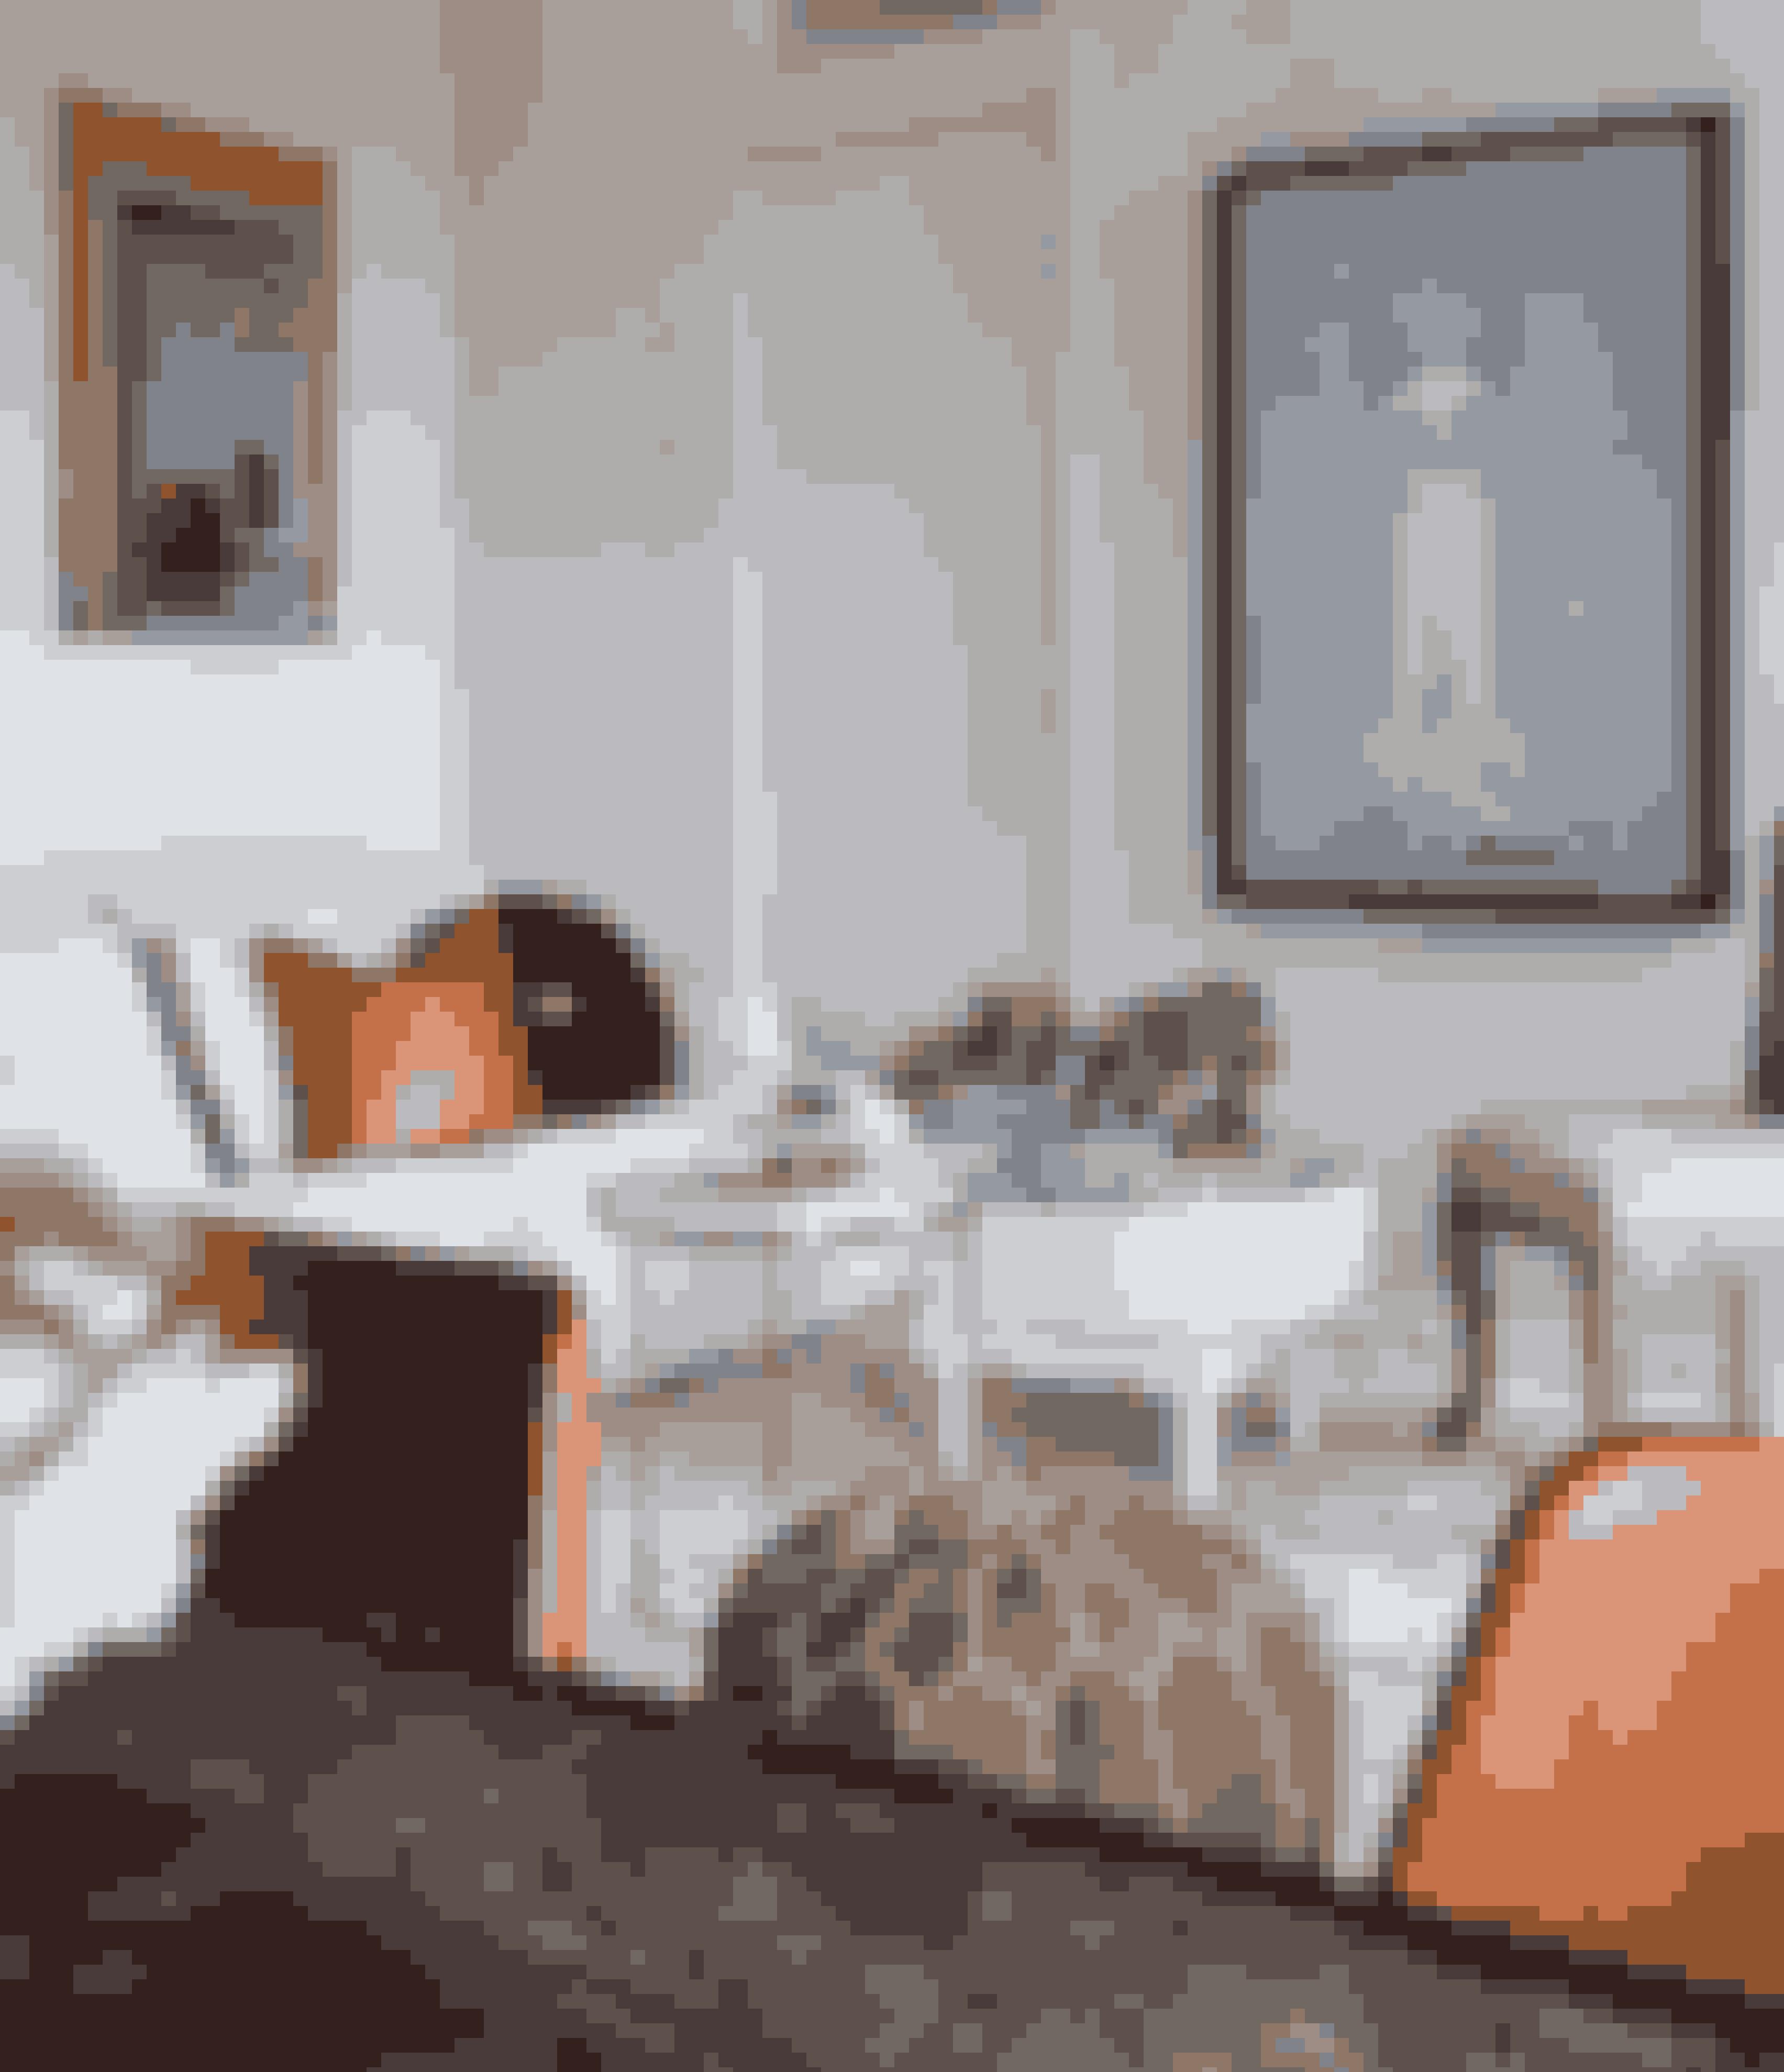 Her bor: Interiørstylist Tone Kroken, 51 år, eksmanden Henrik, datteren Emma, 18 år, og sønnen Emil, 19 år.Bolig:Lejlighed på 46 m² i Gamlebyen i Oslo.Stil:Nordisk romantik med vintagefund.